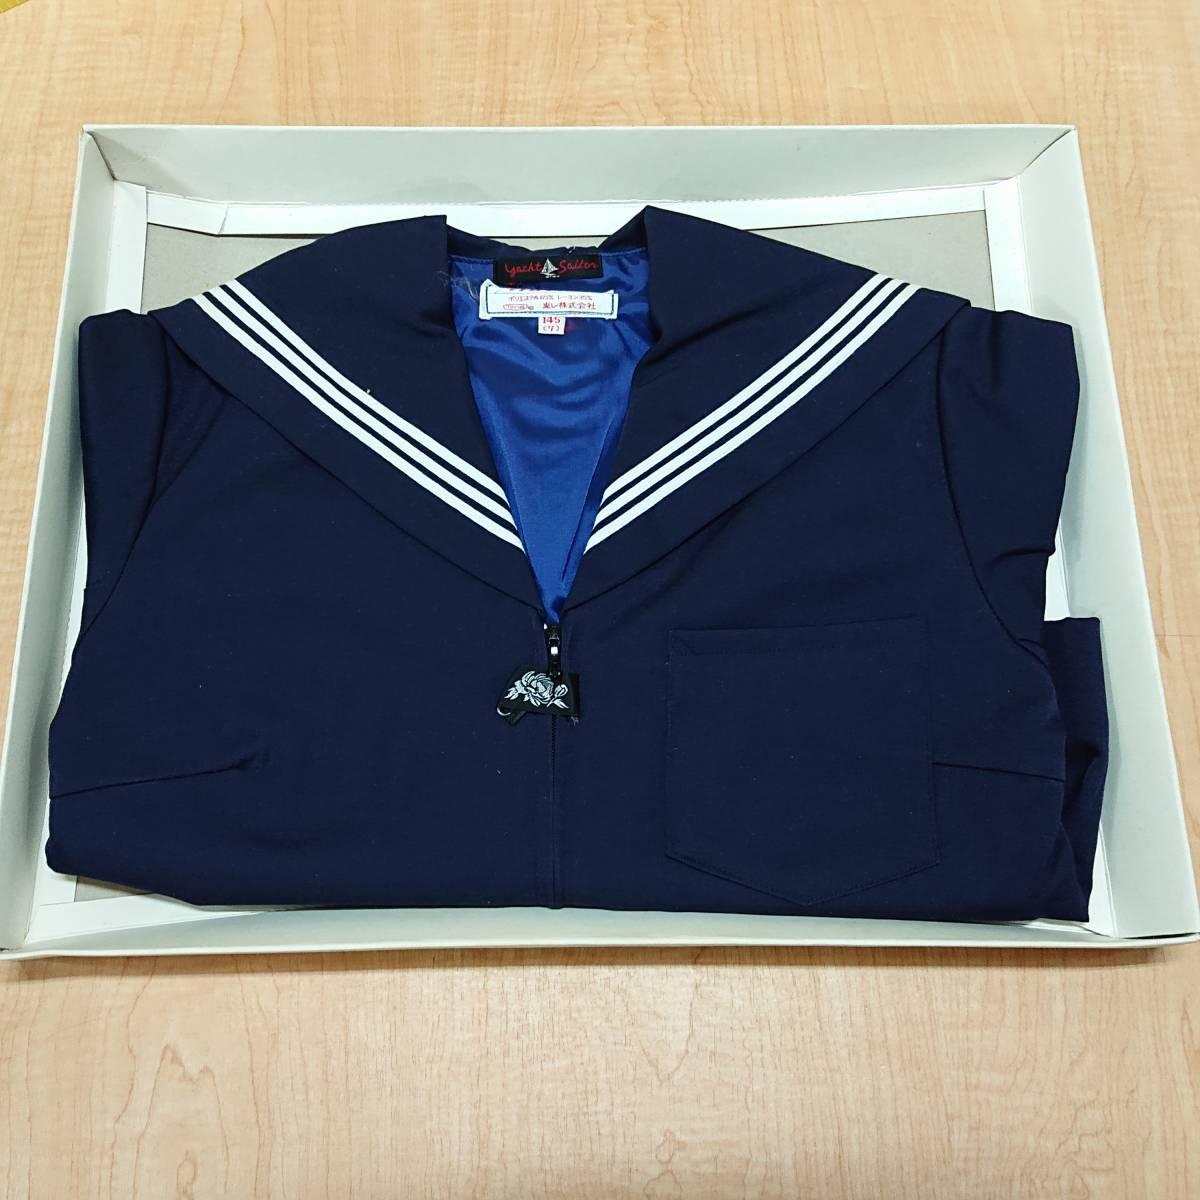 L 女子制服 学生服 通学服 上衣 上のみ サイズ 145(7)_画像1